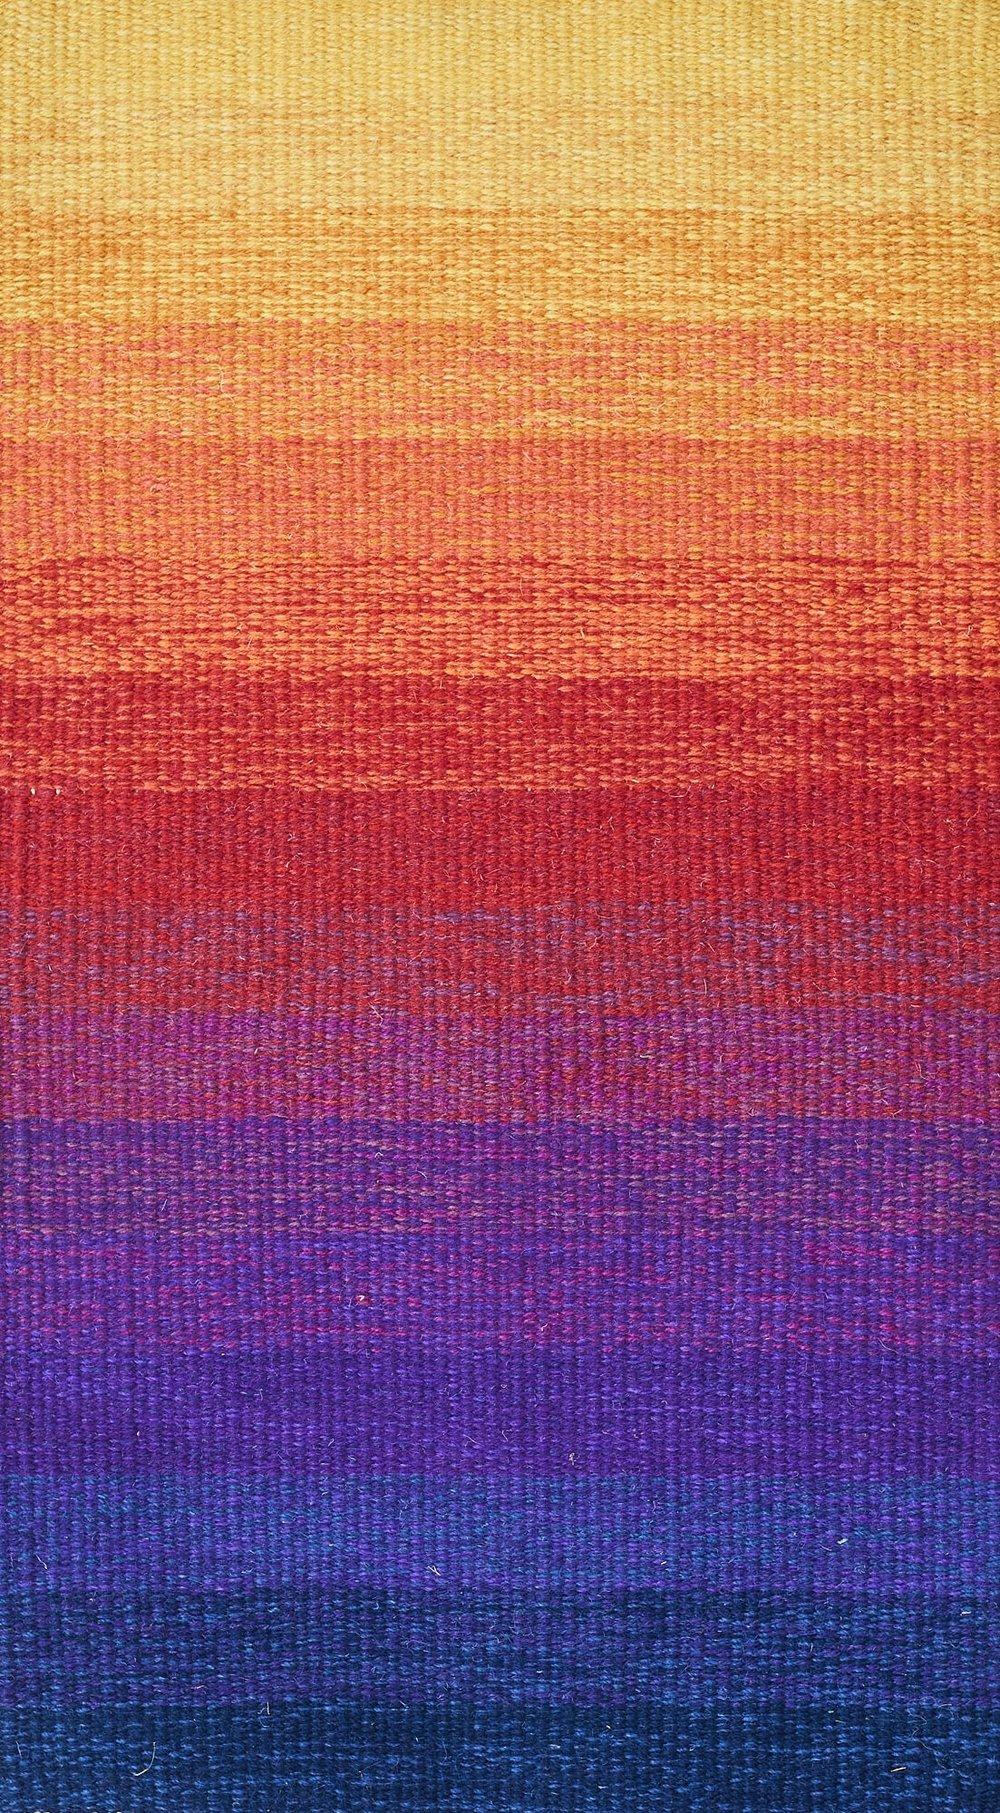 JJ0140  Wool & linen. 49 x 86 cm.